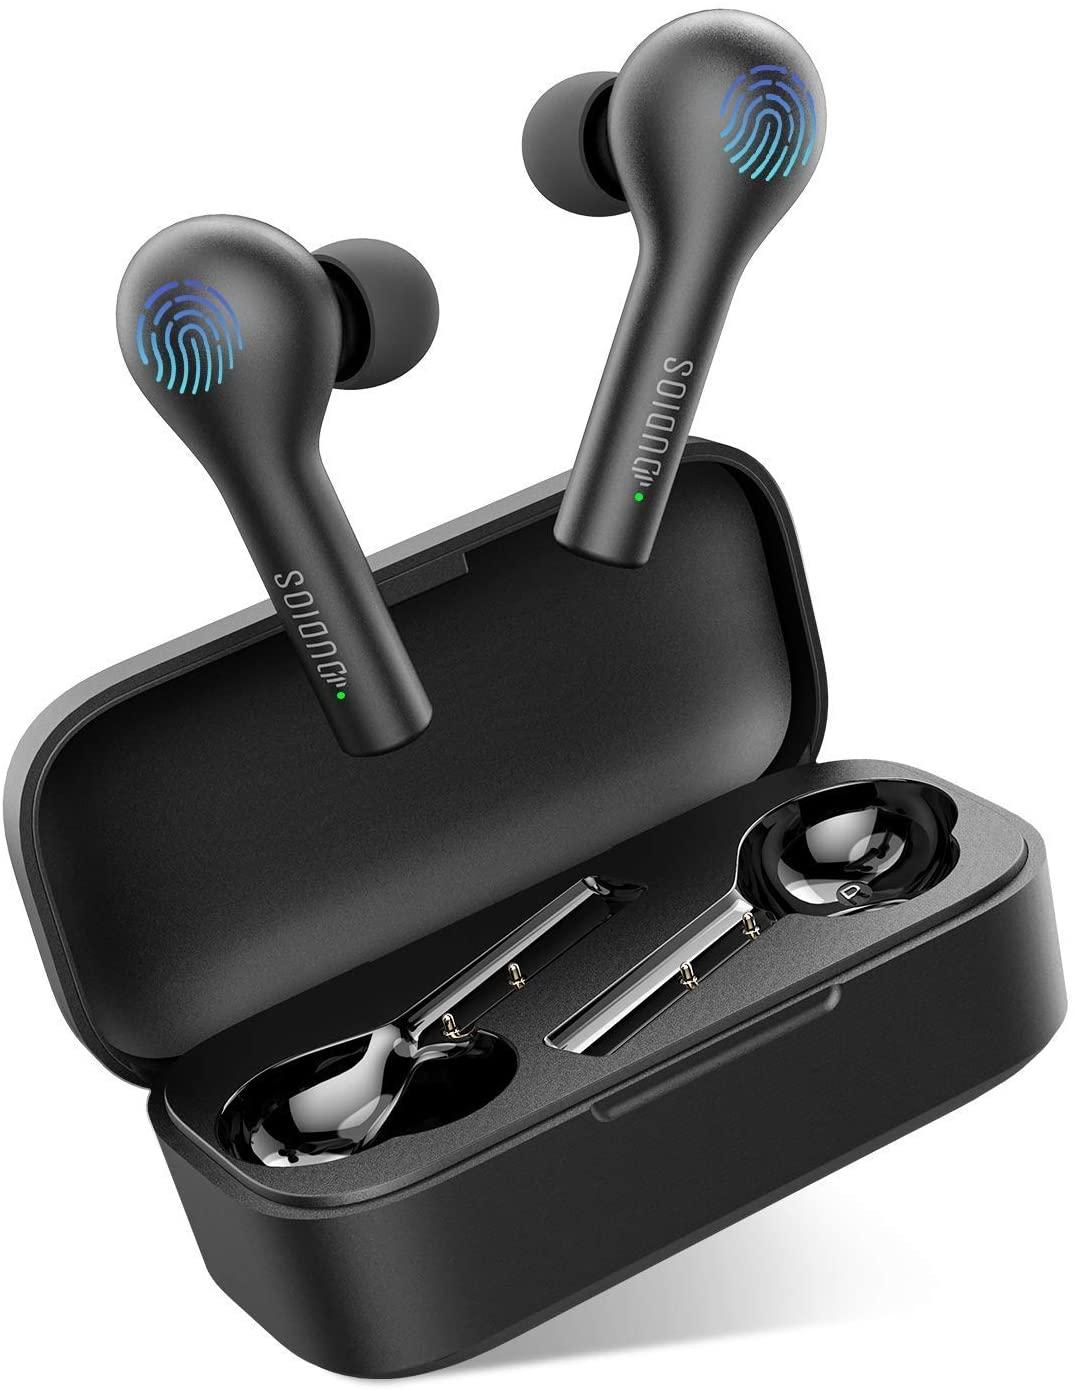 Écouteurs sans Fil Dudios Tic - Bluetooth (Via coupon - Vendeur tiers)